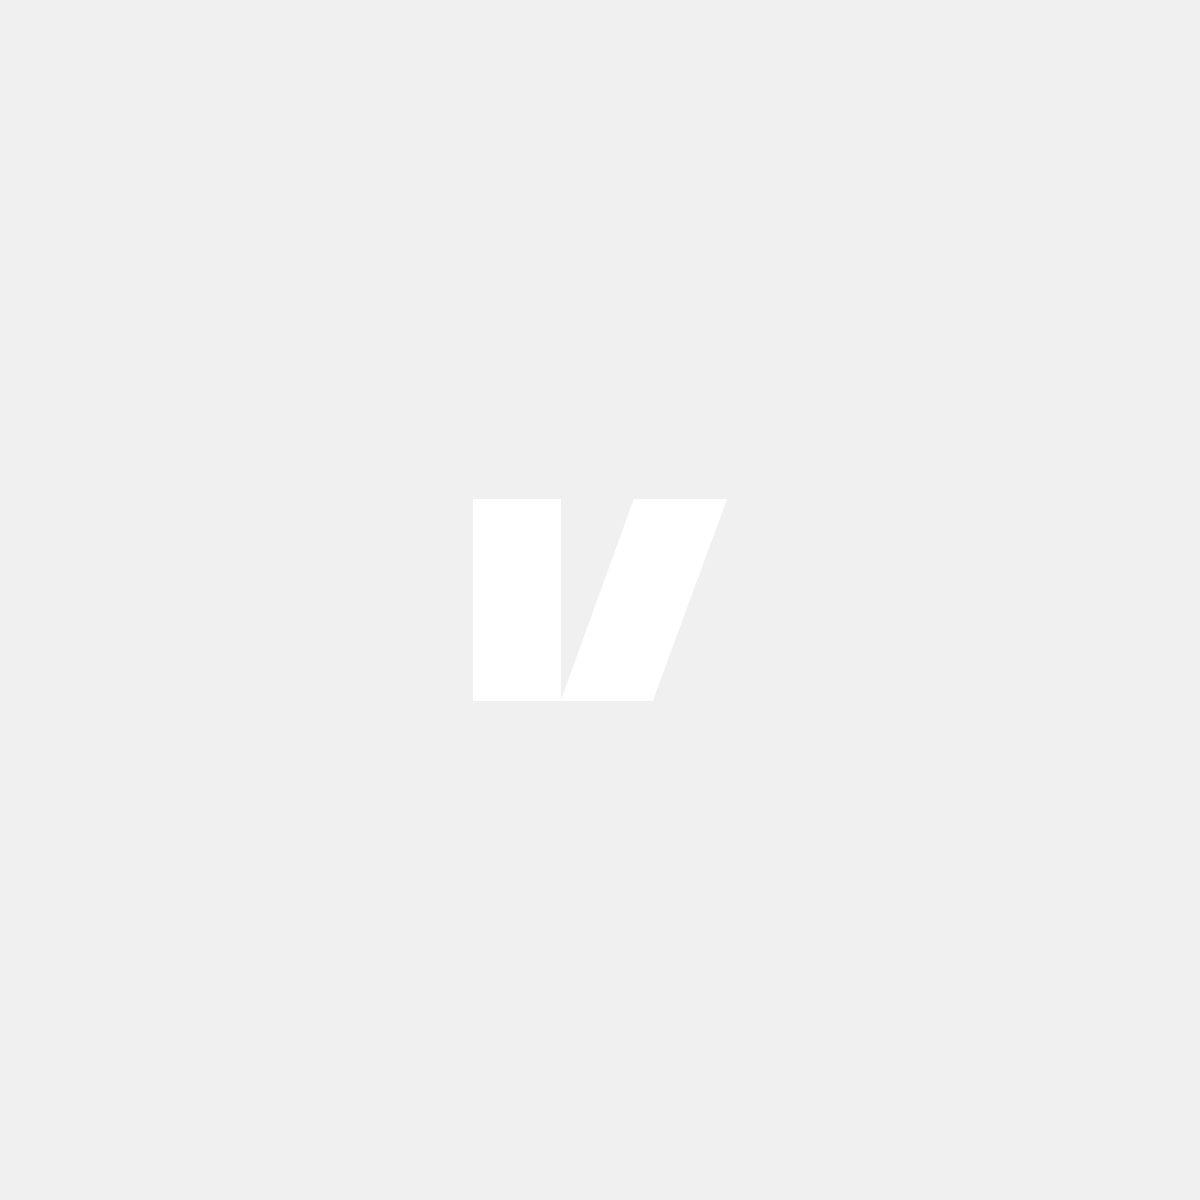 H&R sänkningsfjädersats 40mm, till Volvo C70 cab 97-05